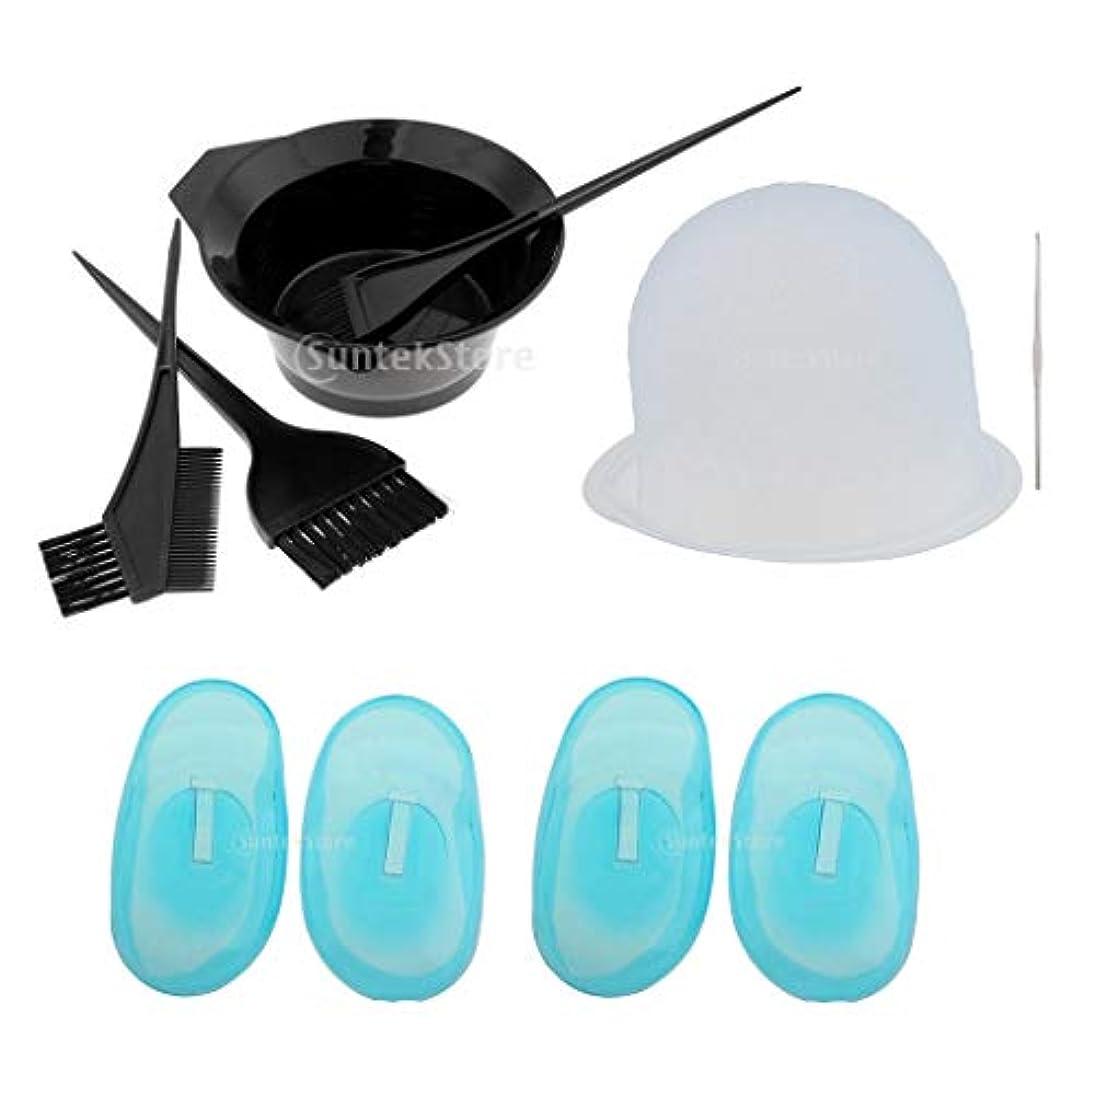 雹進捗品ヘアカラーセット 毛染め 家染め ヘアカラーカップ/コーム/イヤーカバー/耳キャップ 繰り返し使える